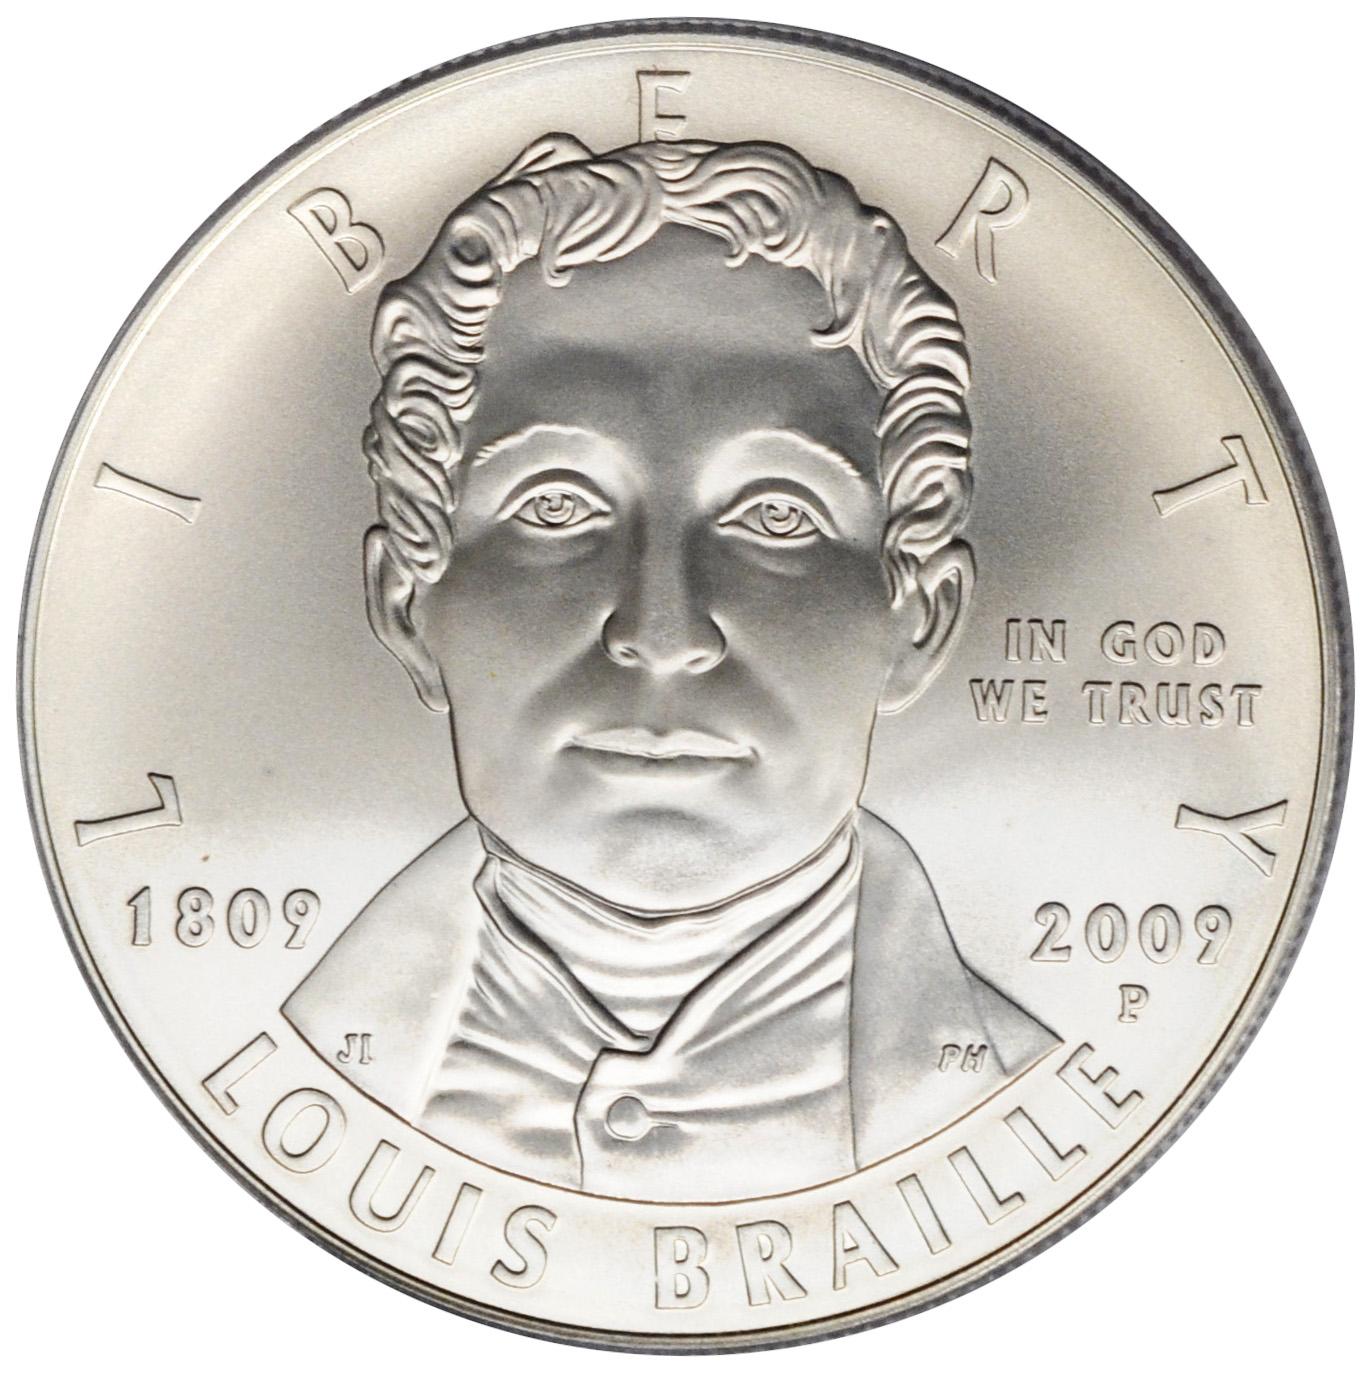 louis braille coin